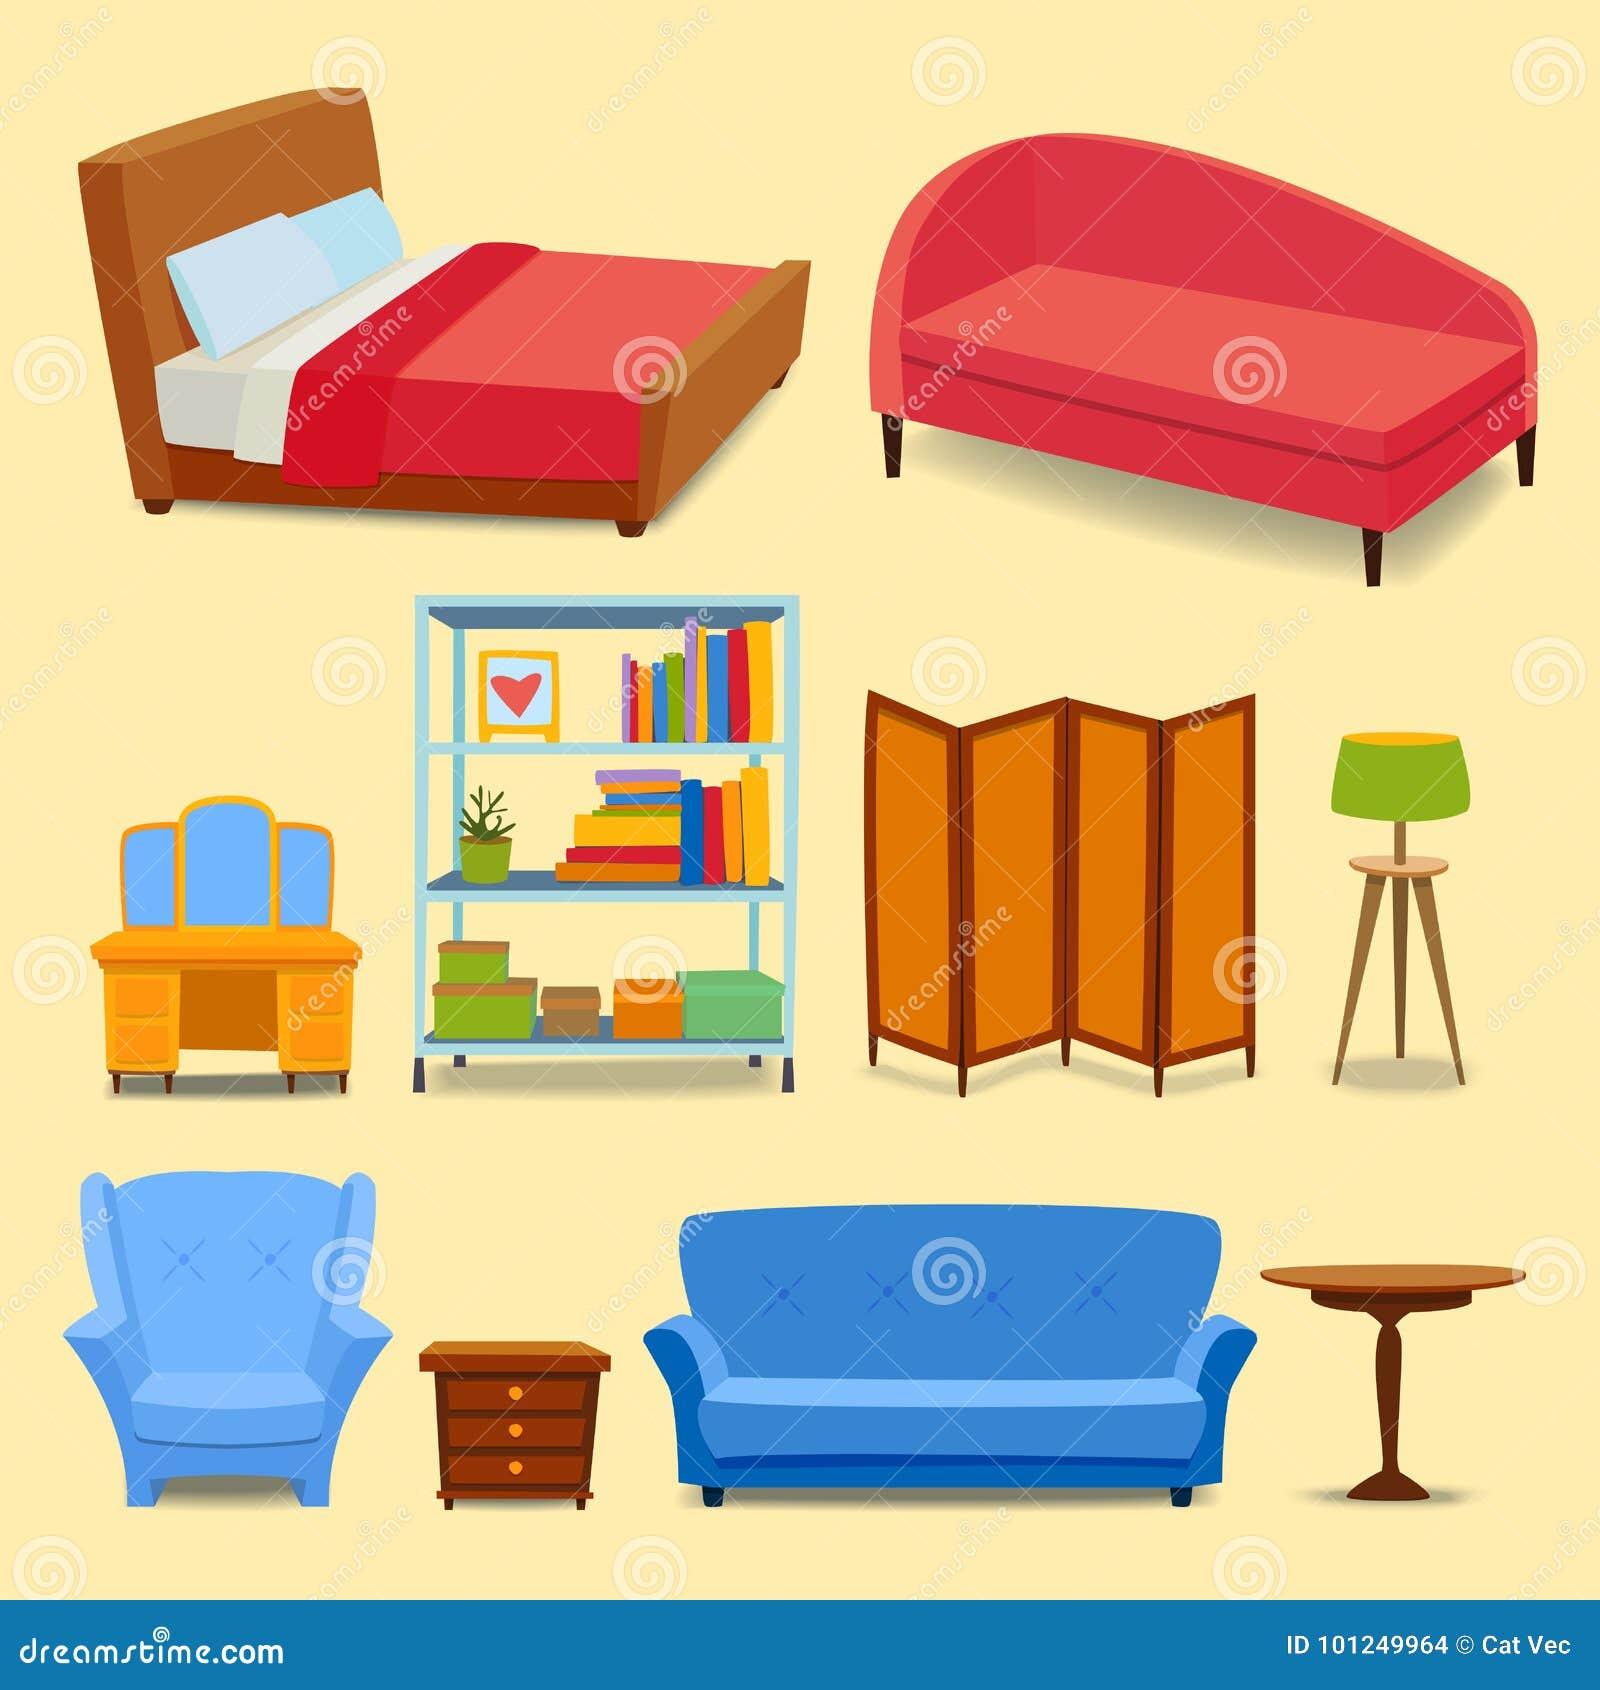 Los iconos interiores de los muebles se dirigen la sala de estar moderna del diseño